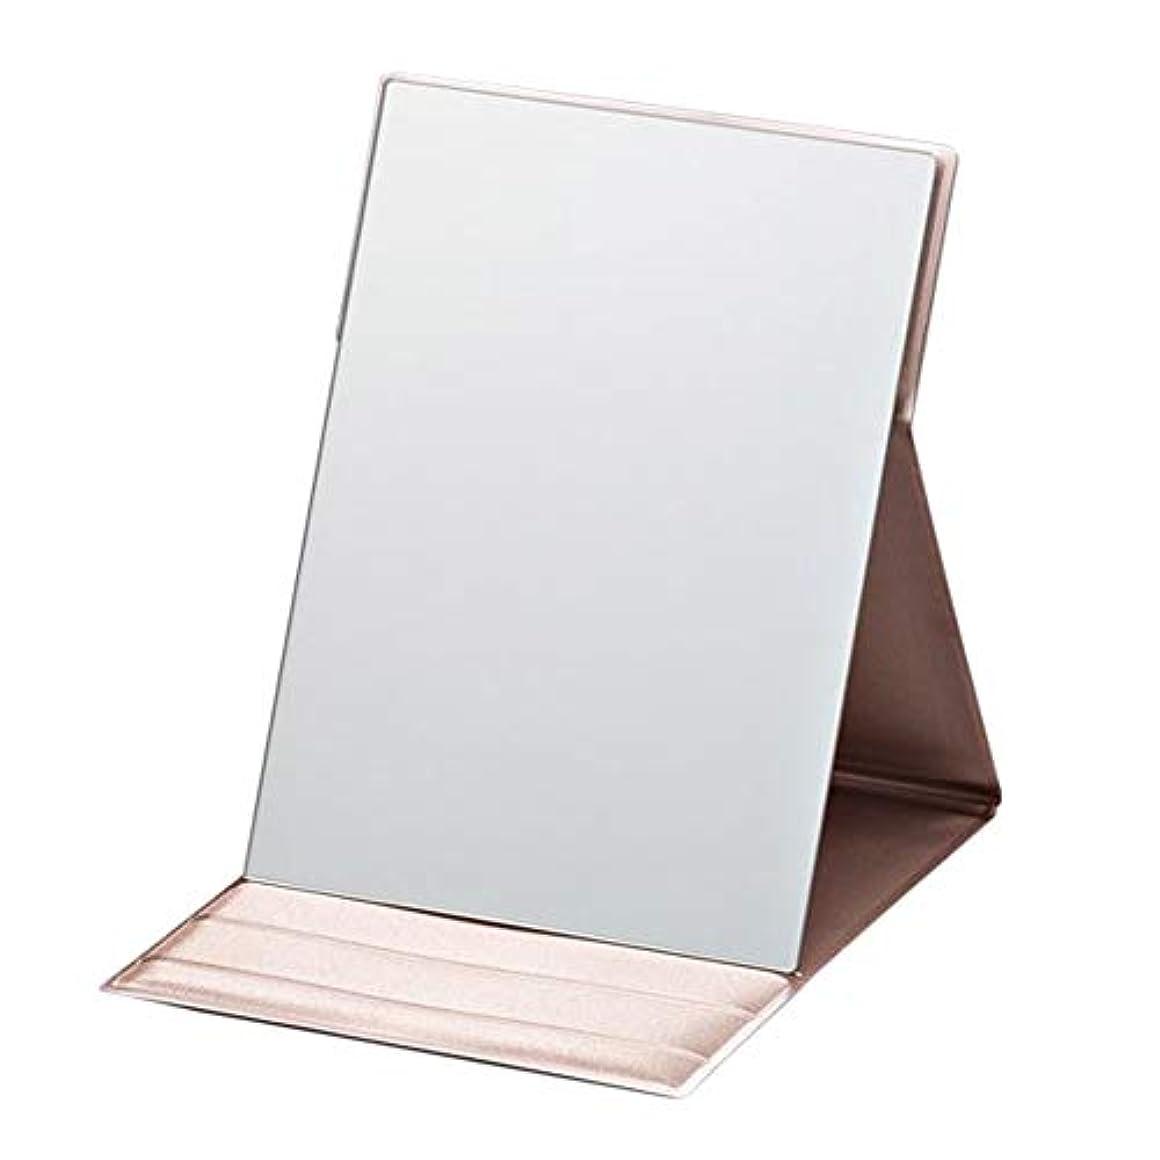 まだハウジングパワーセルプロモデル折立 M ピンクゴールド 折り畳み式化粧鏡